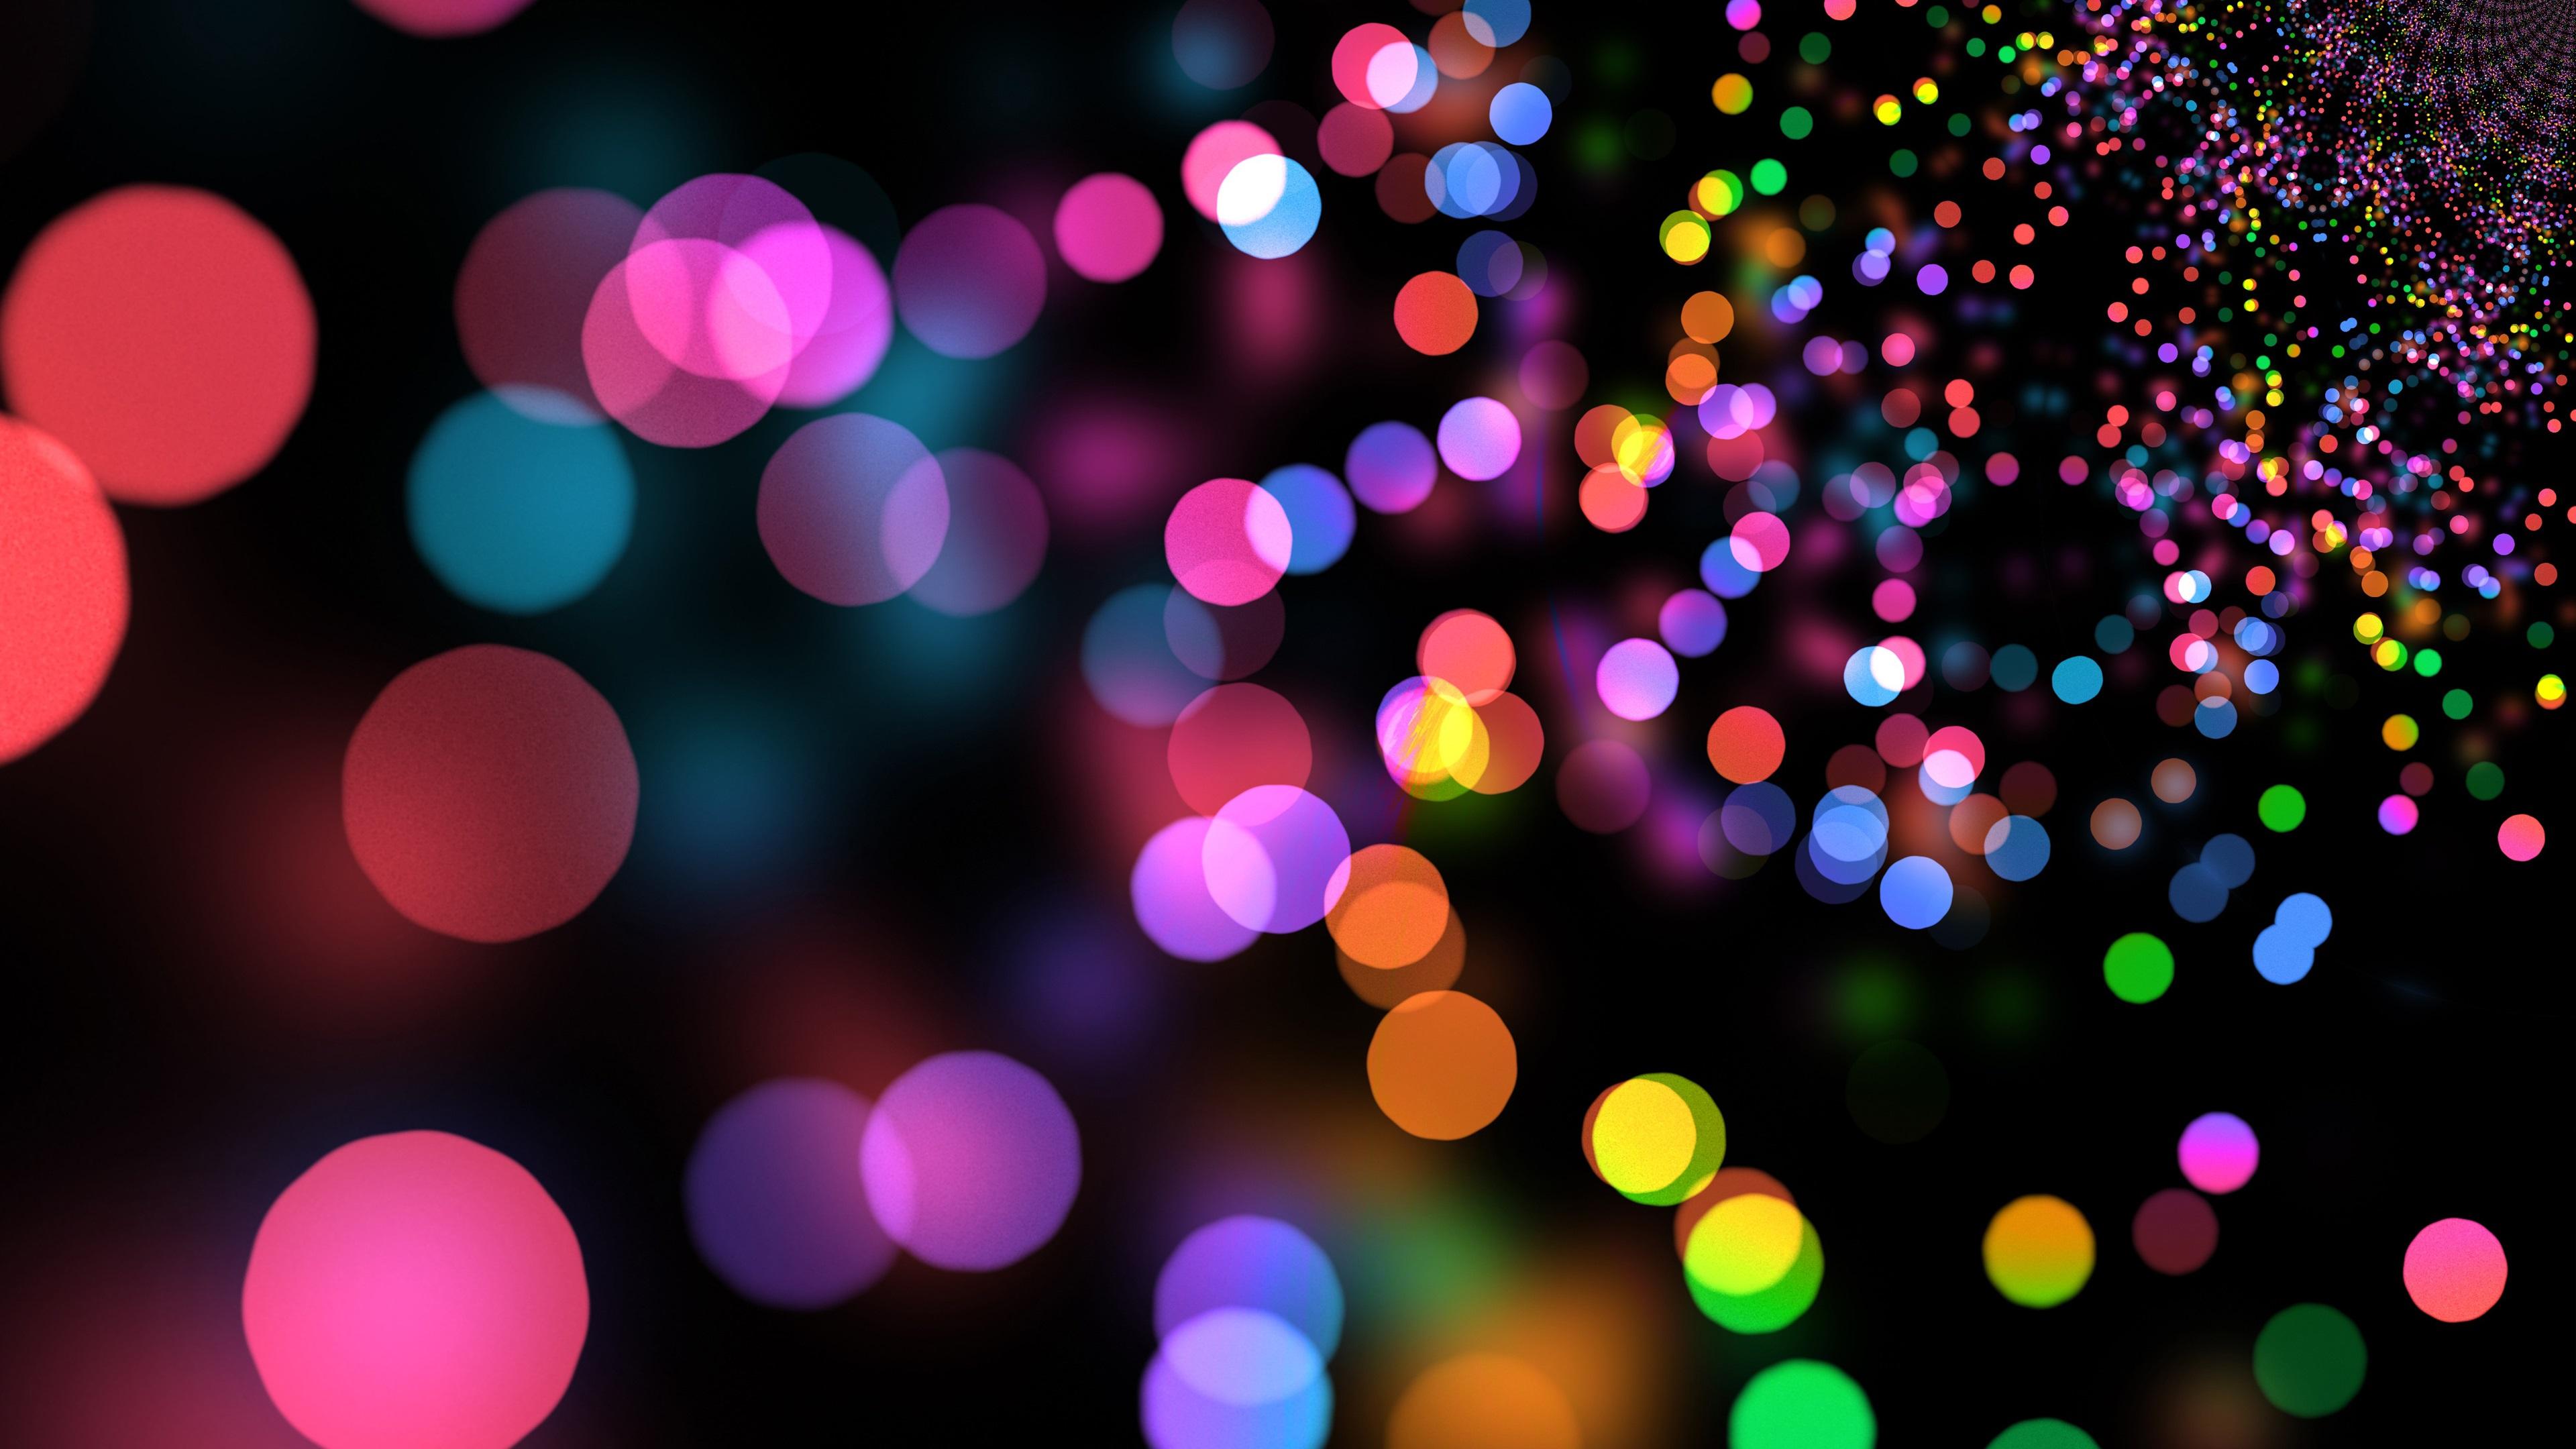 Fondos de pantalla c rculos de colores resplandor fondo for Fondos de pantalla full hd colores